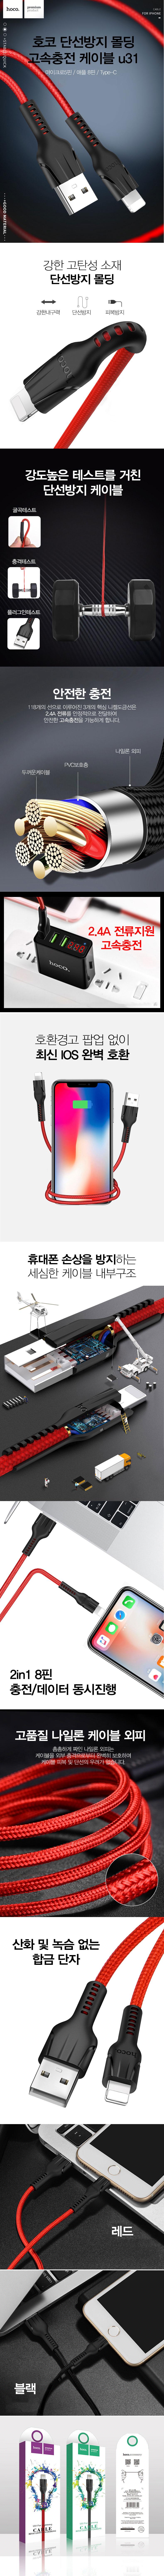 호코 U31 단선방지 몰딩 데이터케이블 1M 마이크로5핀 애플8핀 C타입 - 호코, 6,900원, 케이블, 멀티케이블